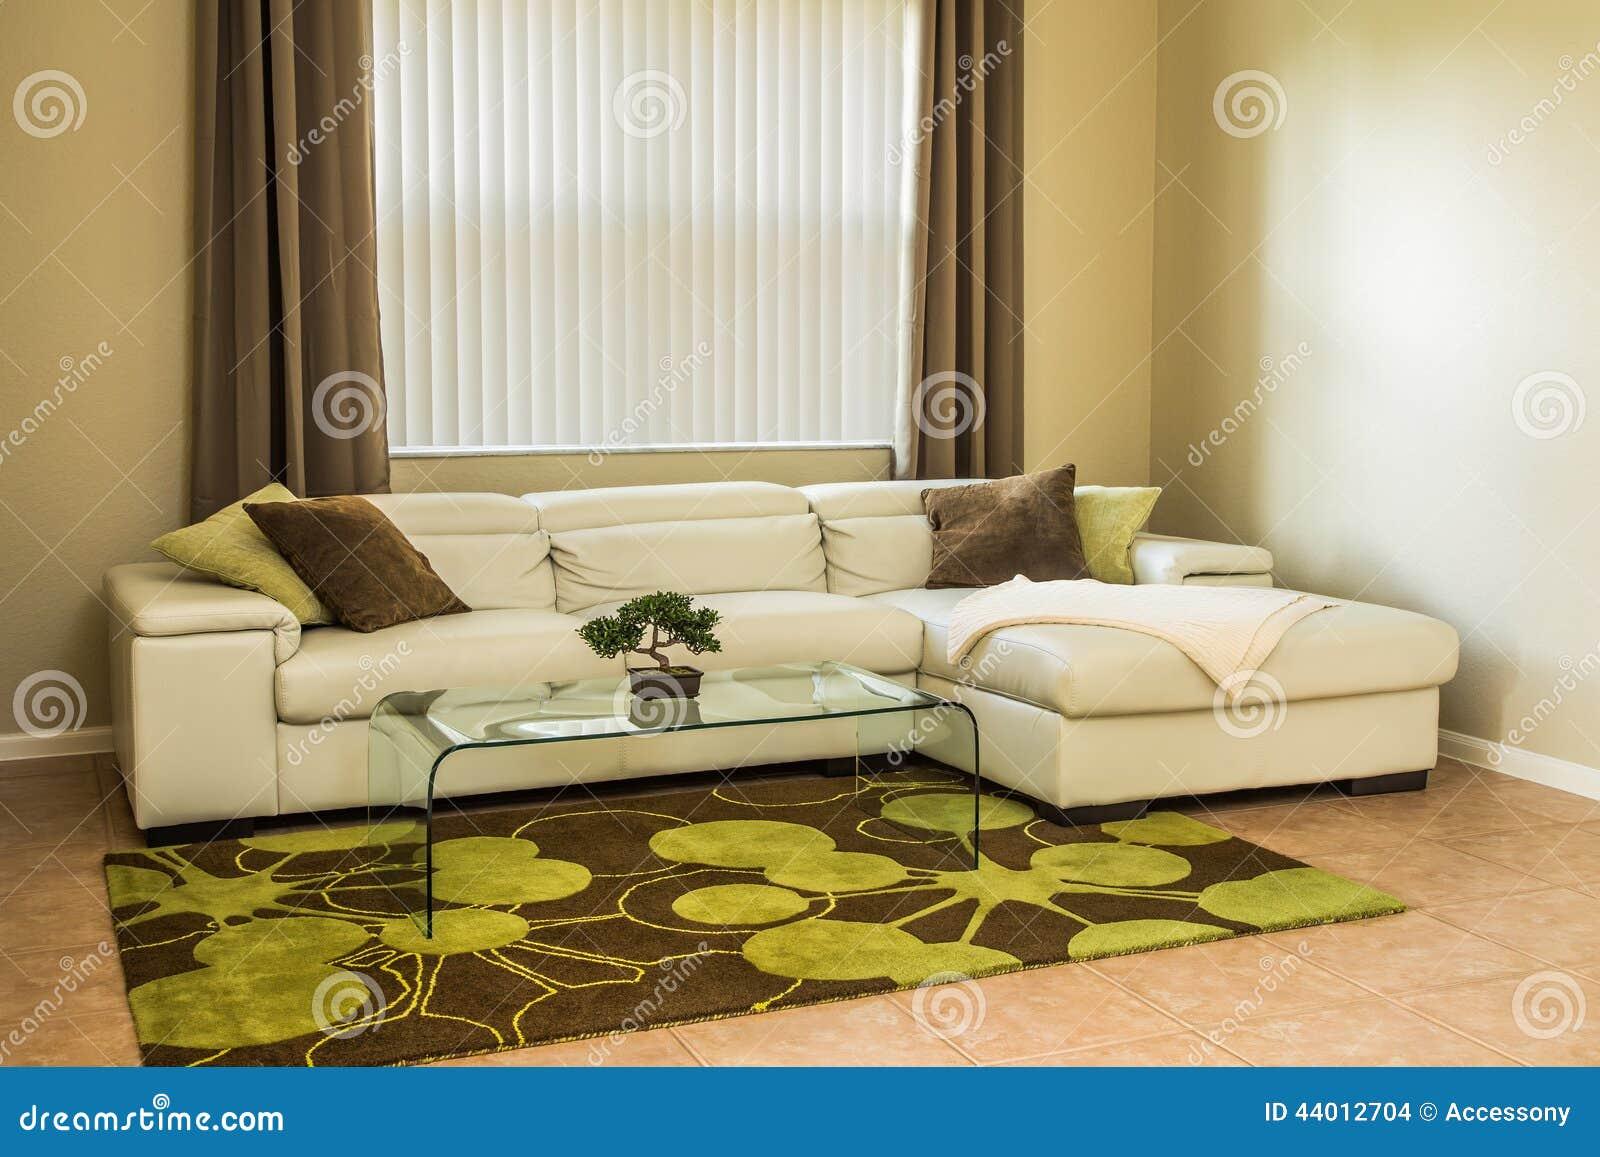 Sala De Estar En Color Verde ~ Sala De Estar Acogedora En Colores Verdes Verdes Olivas Foto de